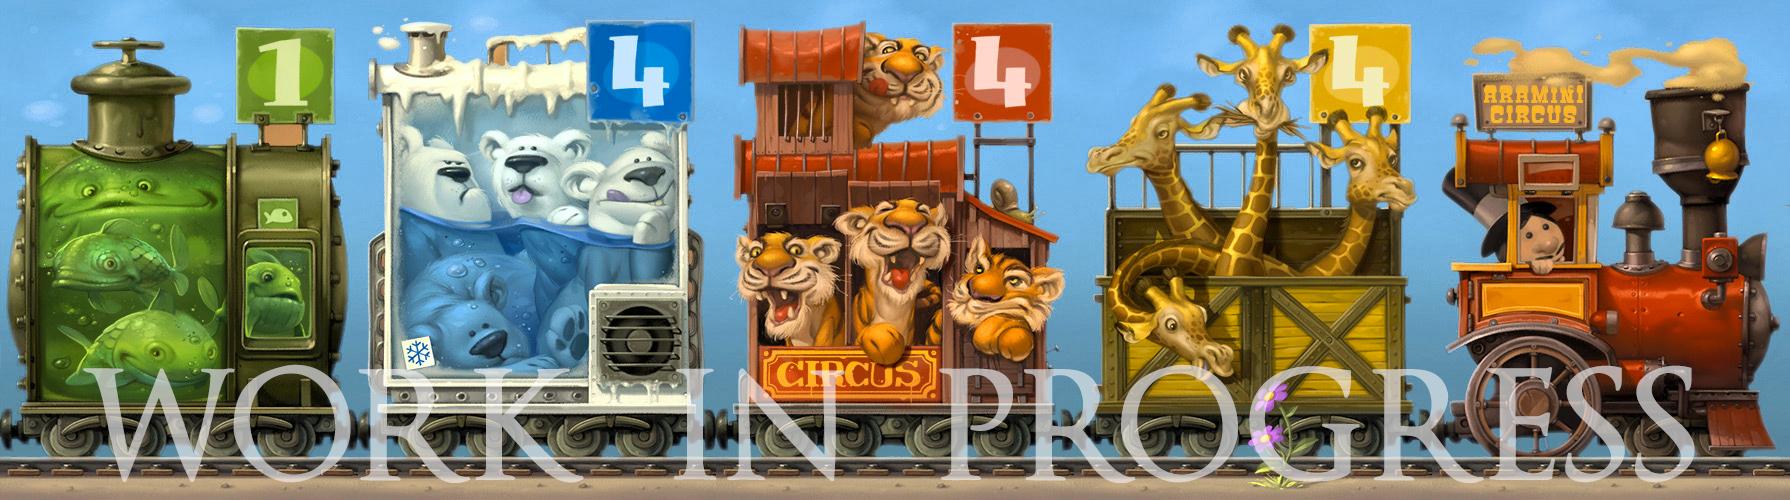 Aramini-Circus_artwork_WIP